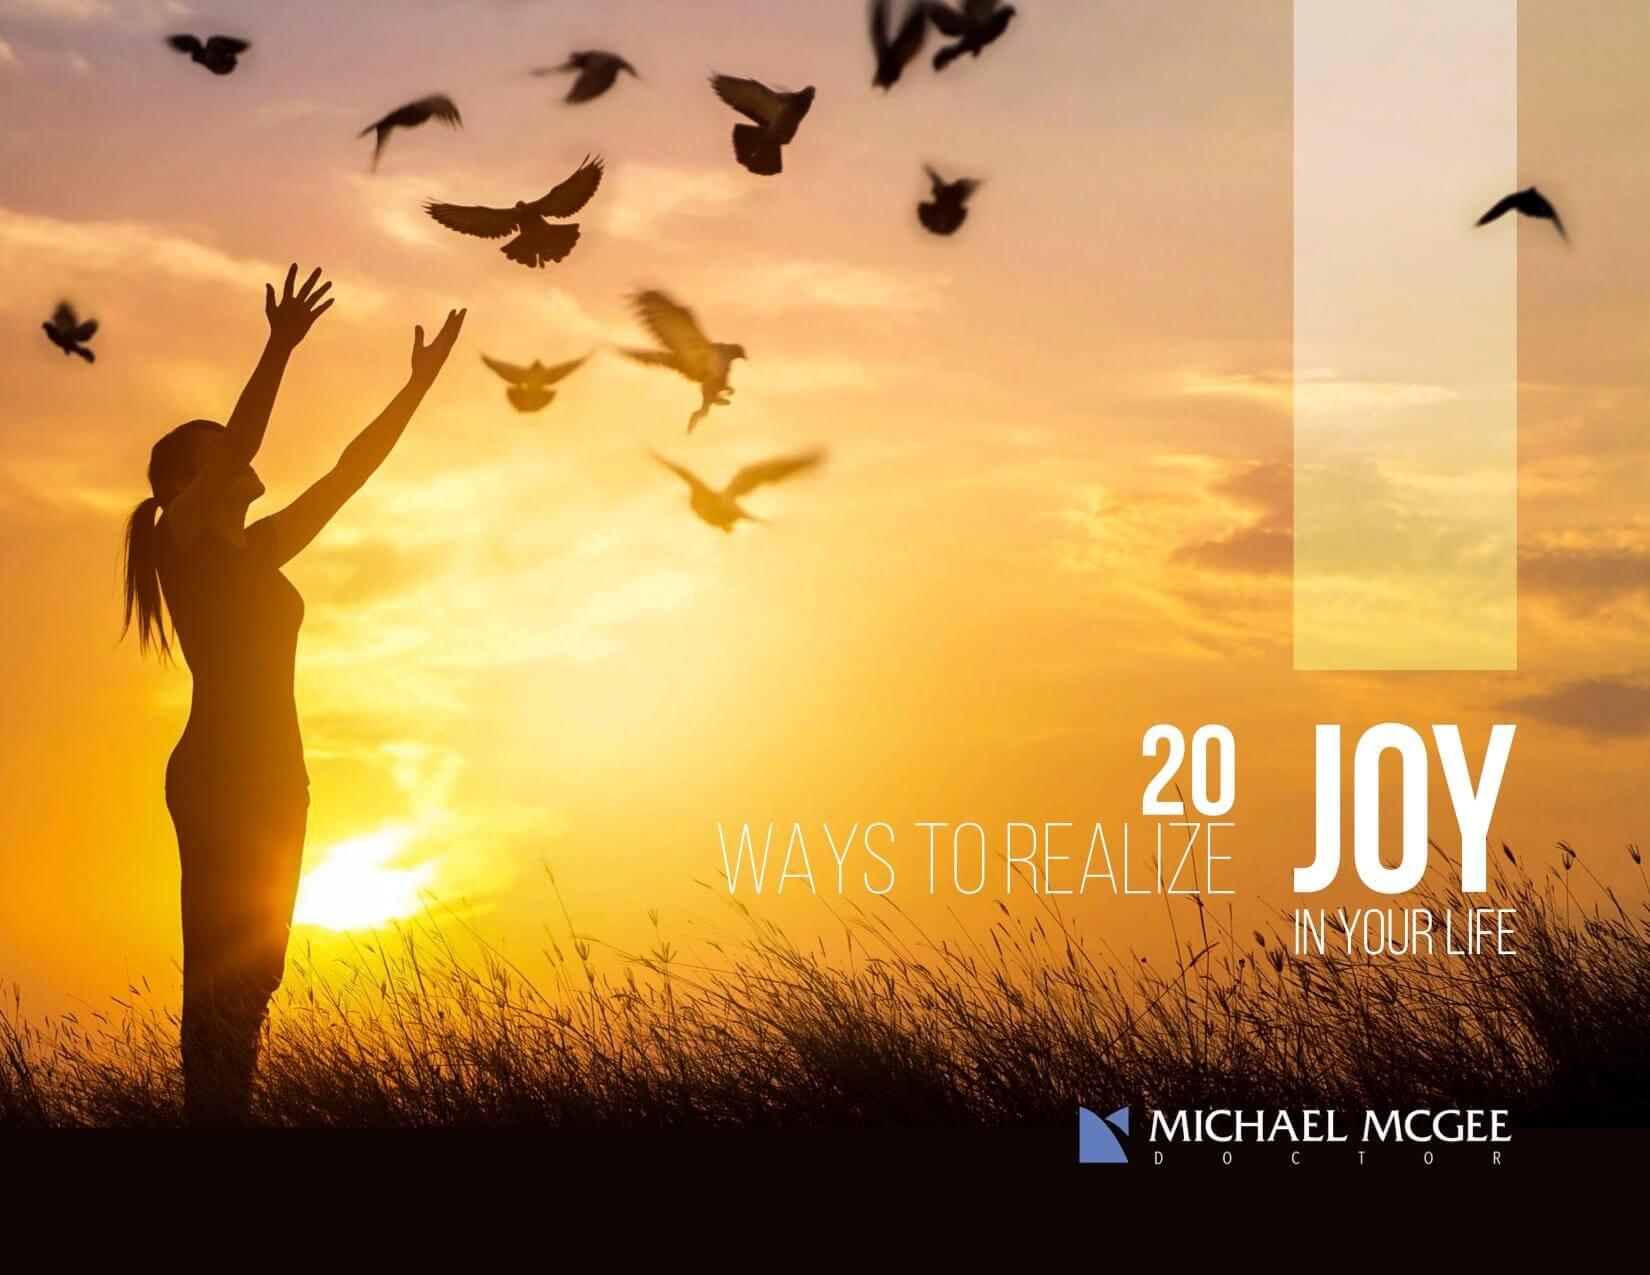 Ways to Joy cover